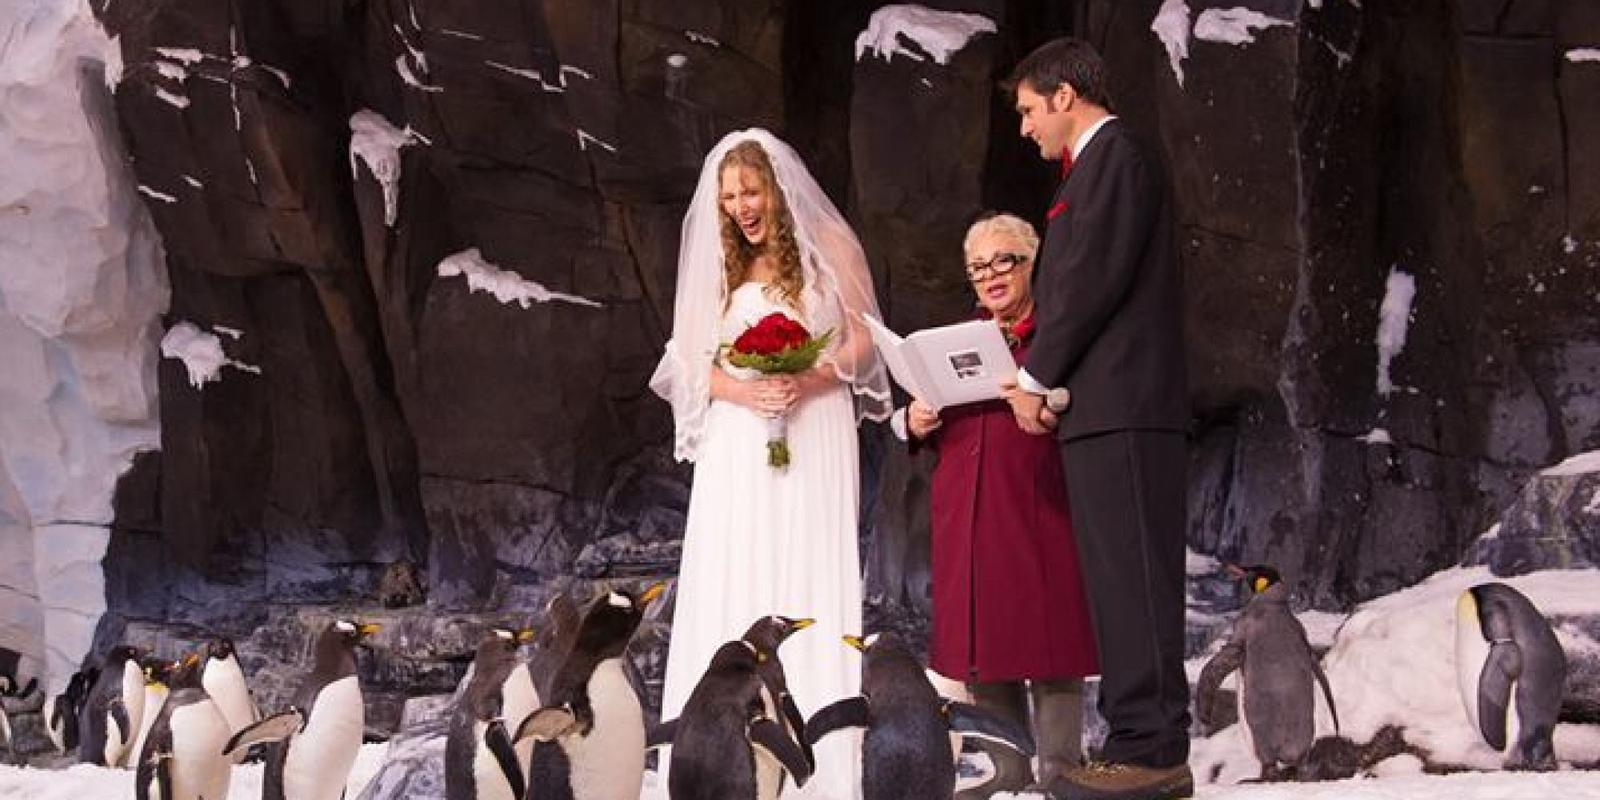 Zvieratká na svadbe 🐾 - Obrázok č. 53